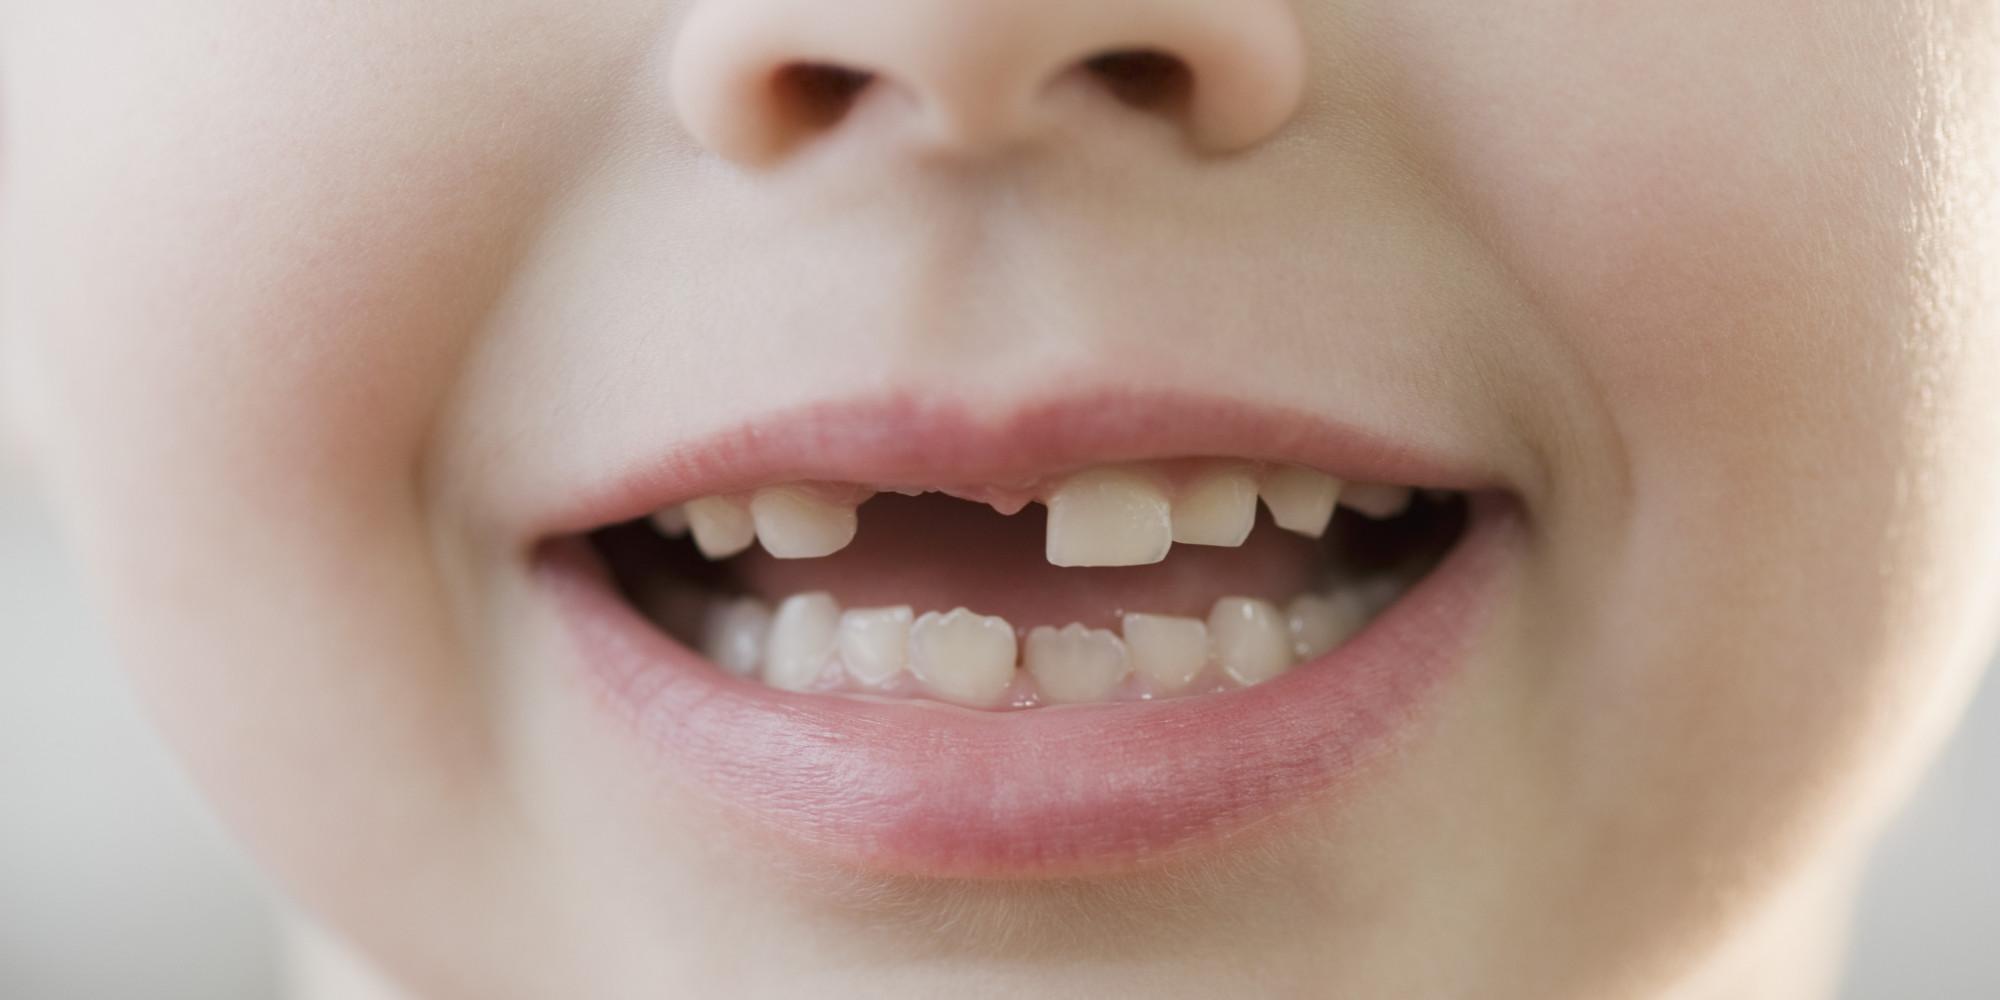 Что делать, когда у ребенка зубы растут неправильно, если они кривые